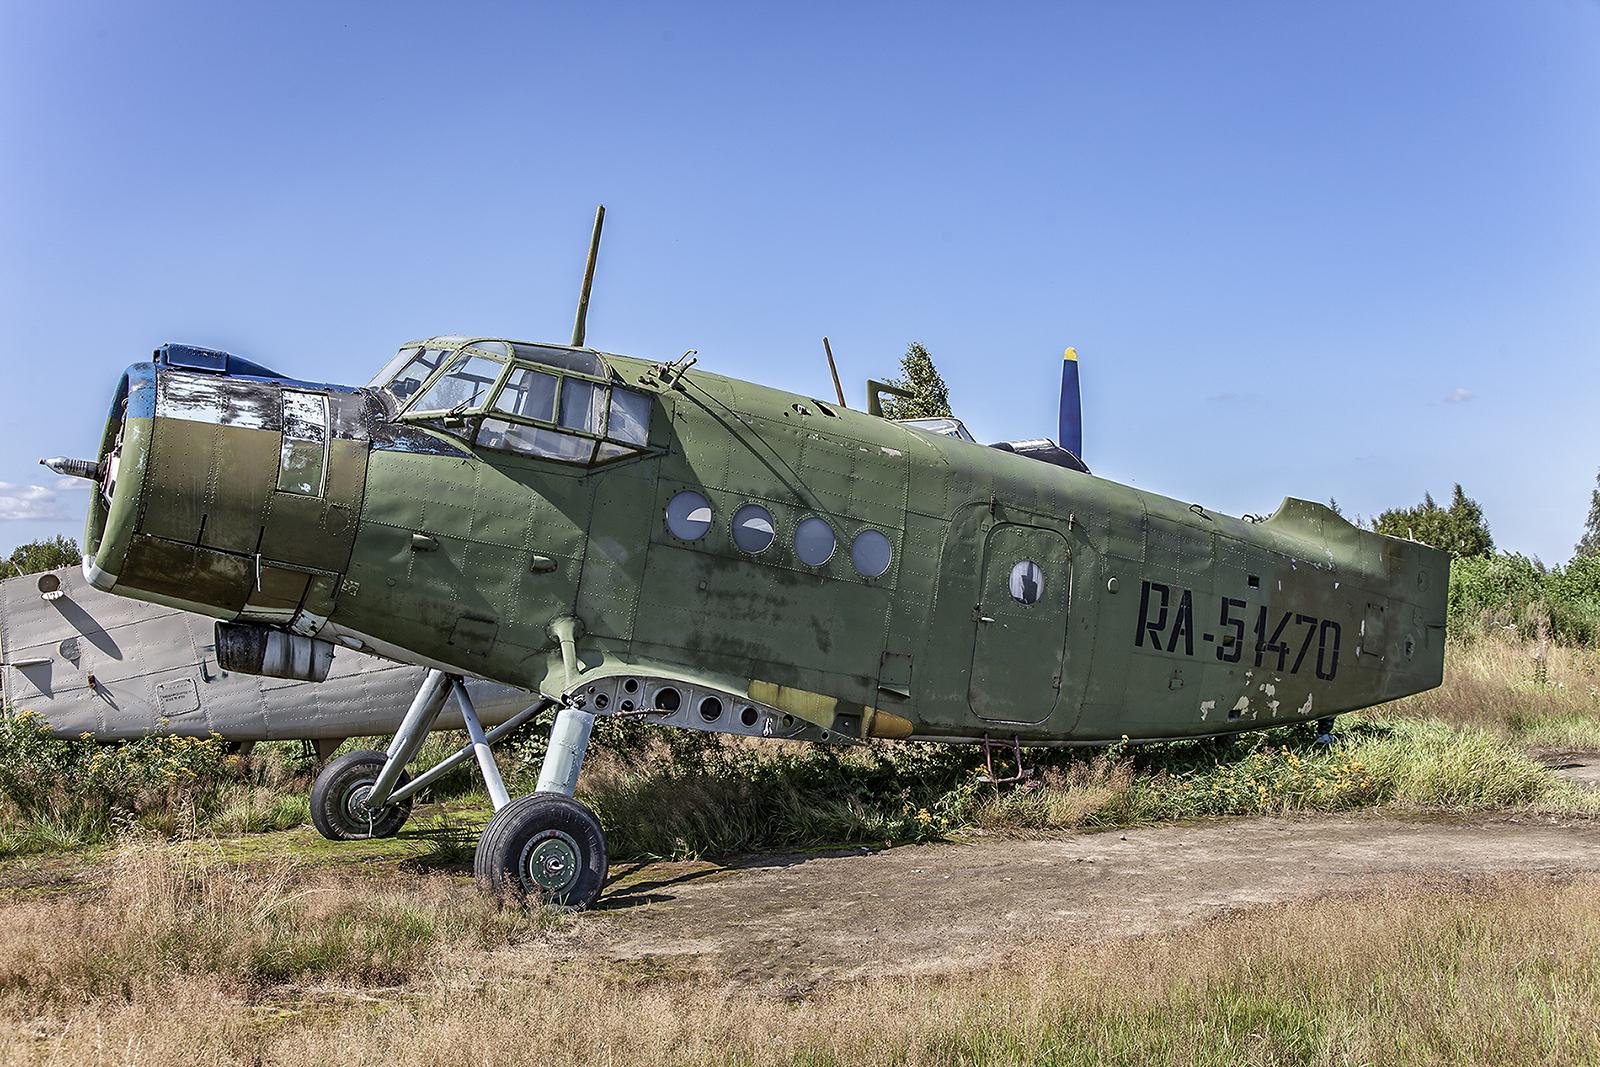 Nochmal eine An-2, die als Ersatzteilspender dient.